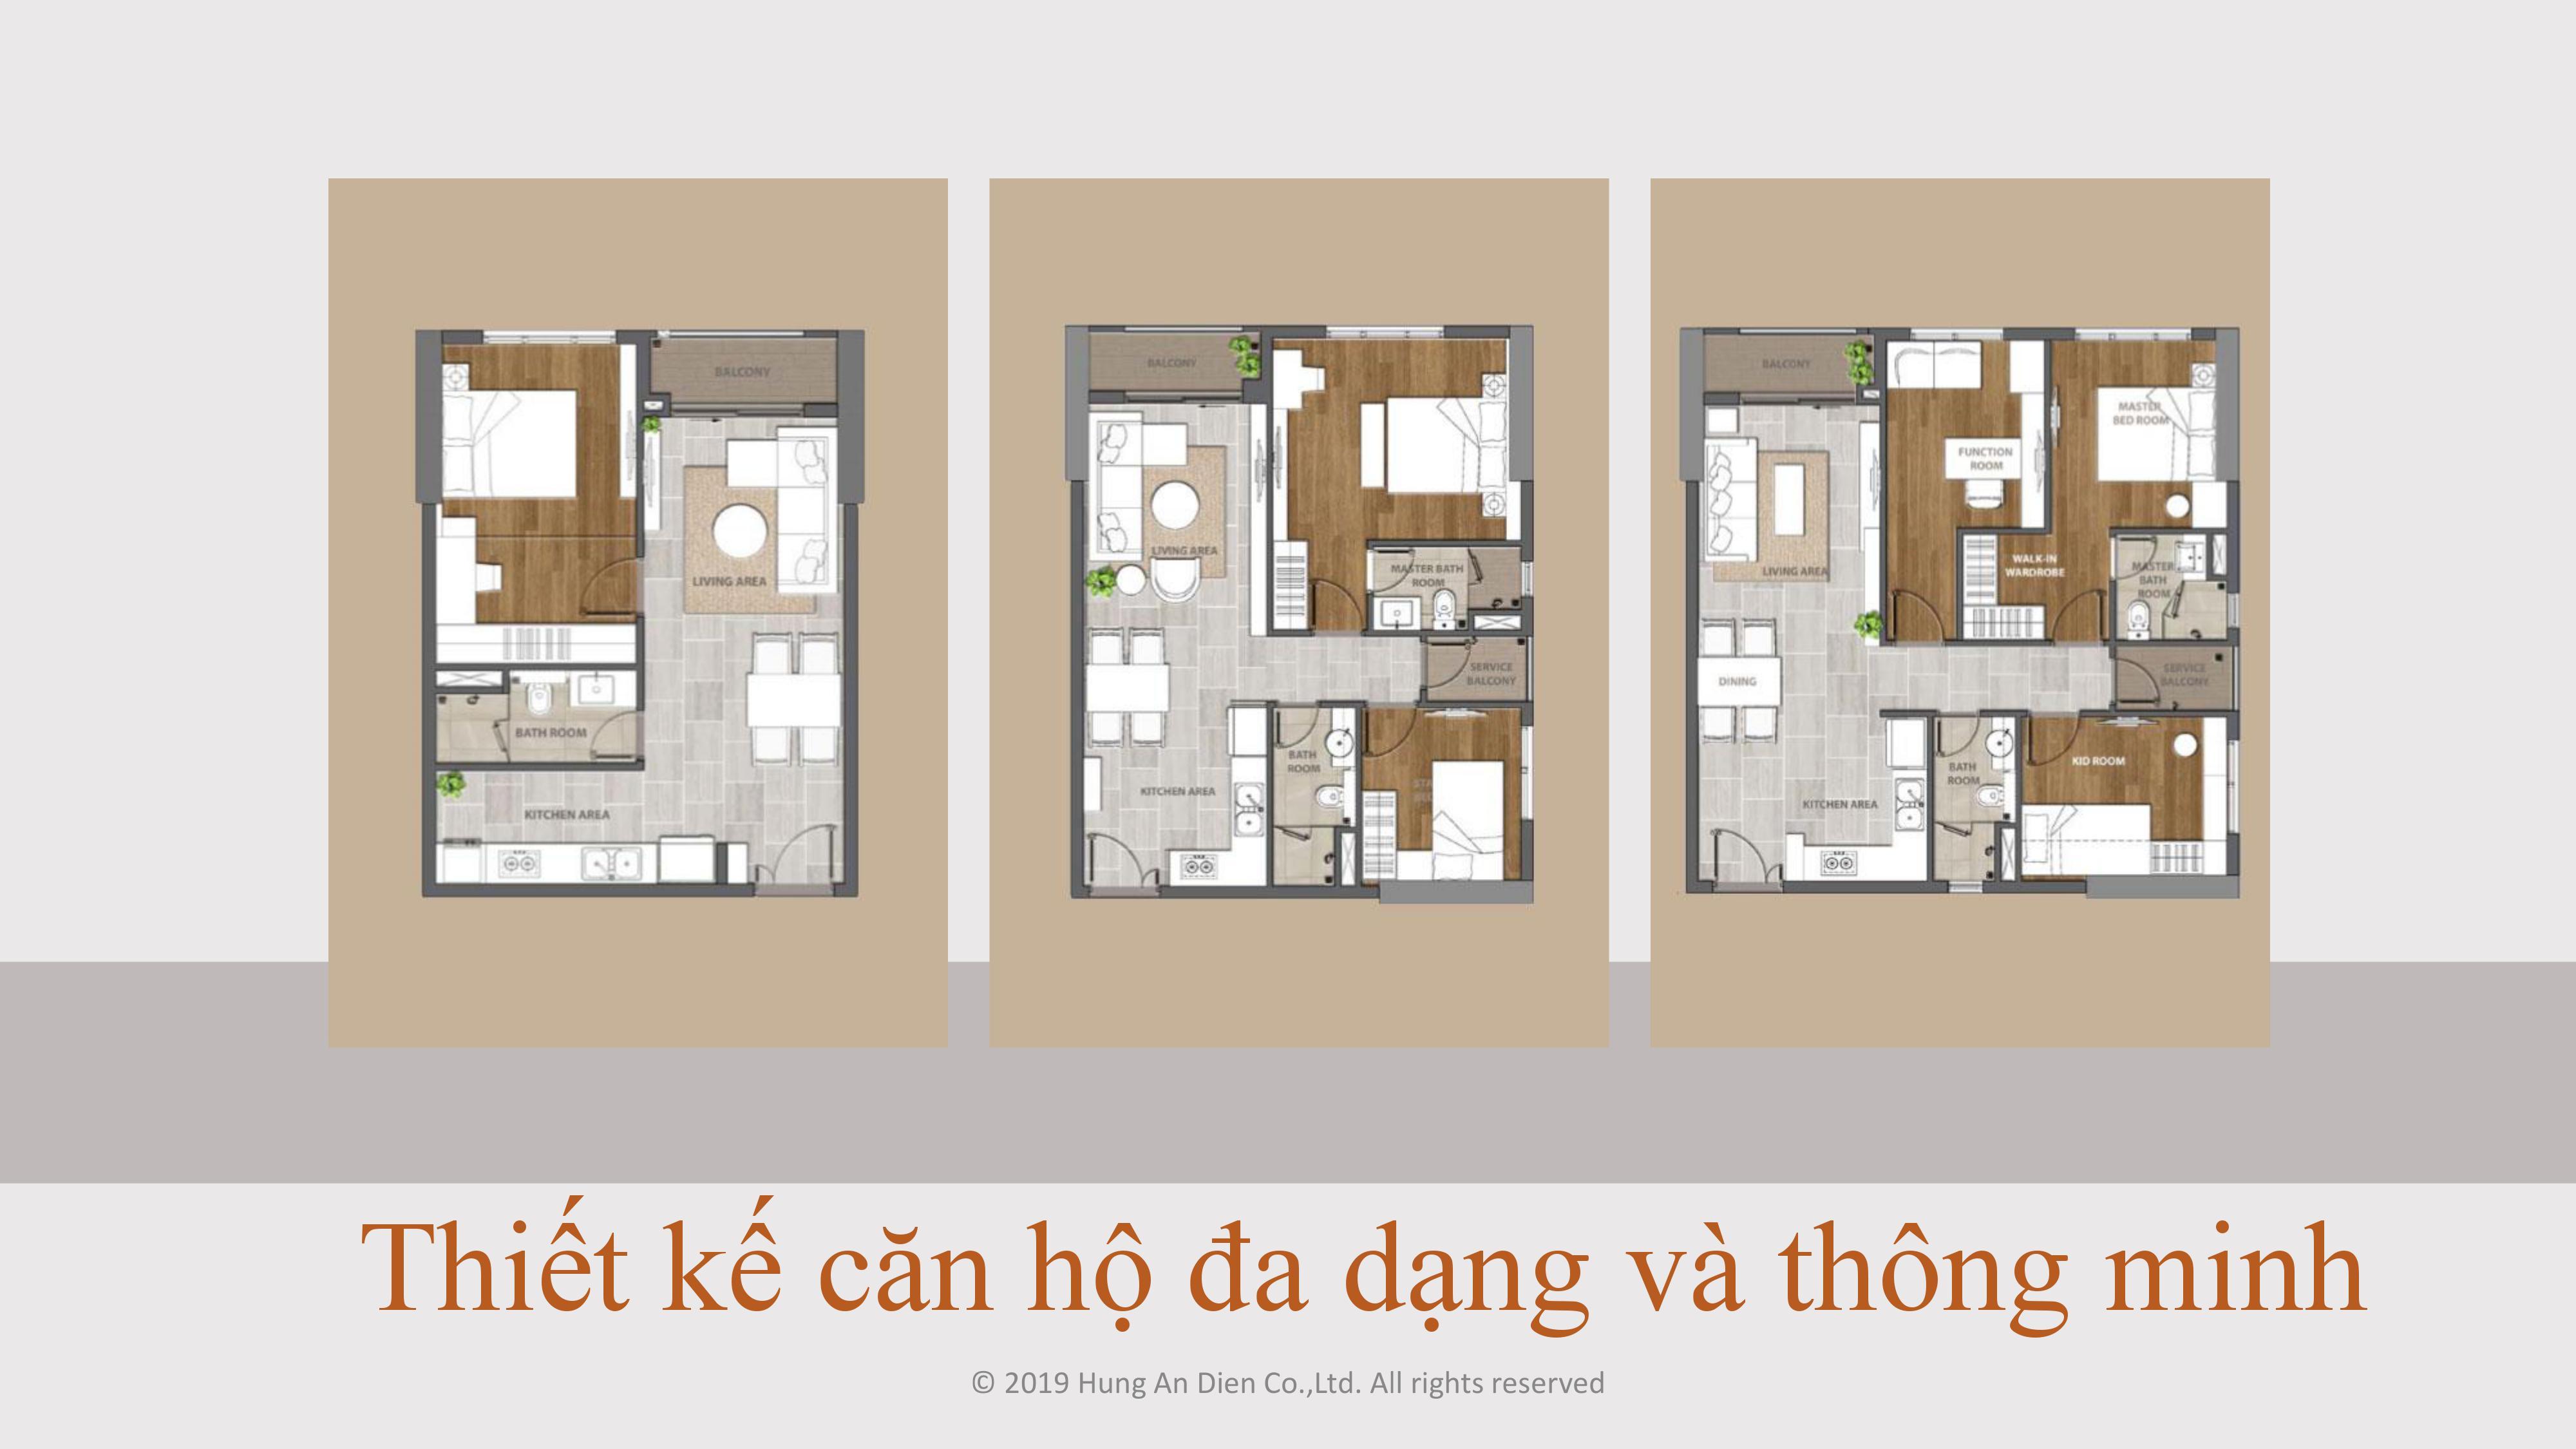 Thiết kế căn hộ Aio City hình 01